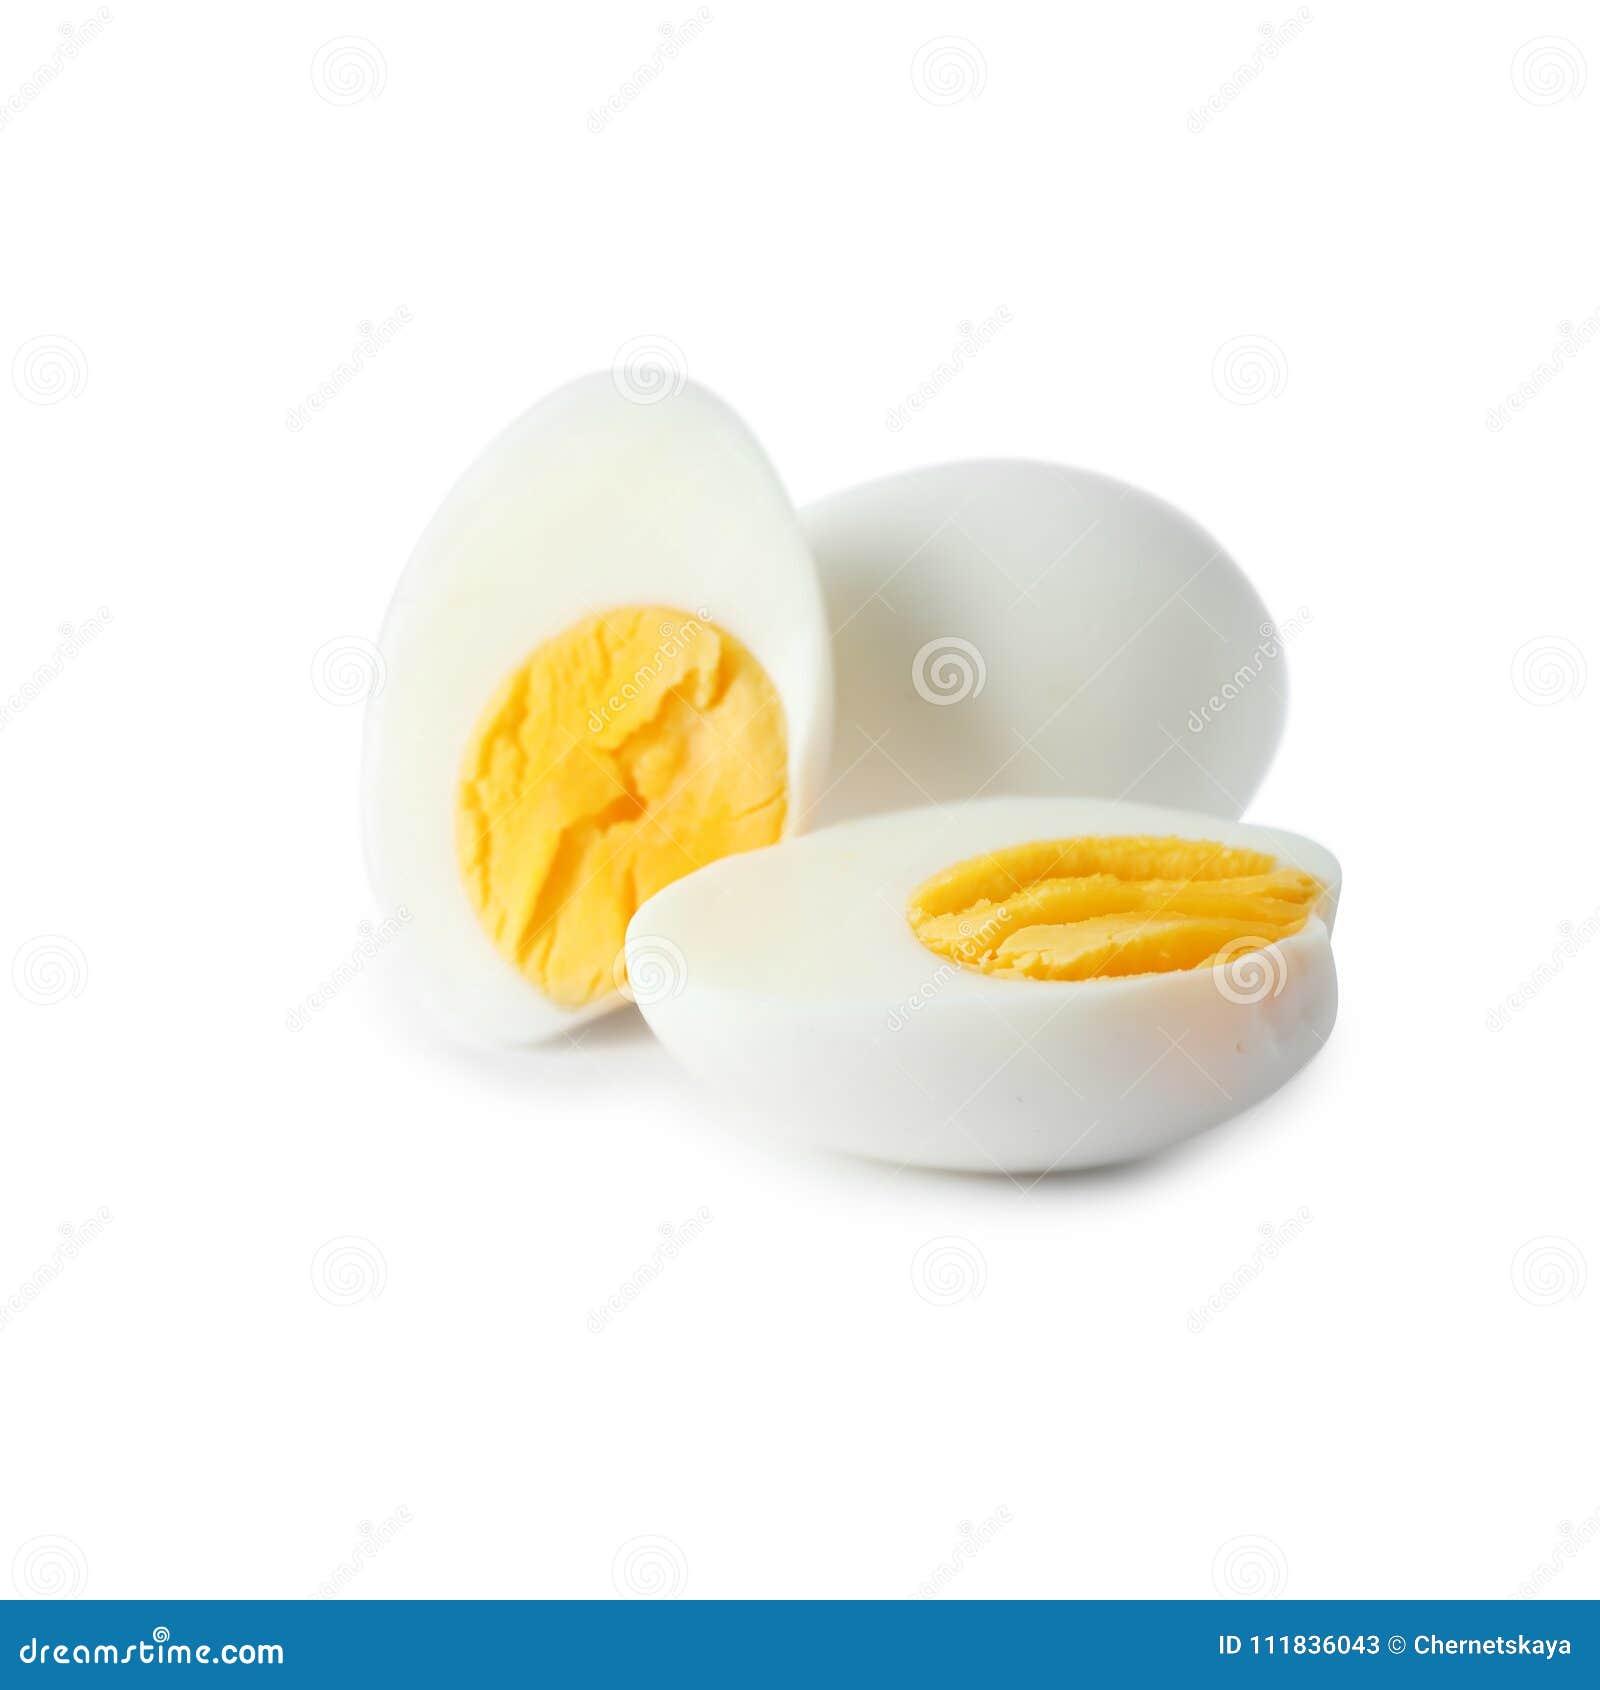 Ovos cozidos duros no fundo branco